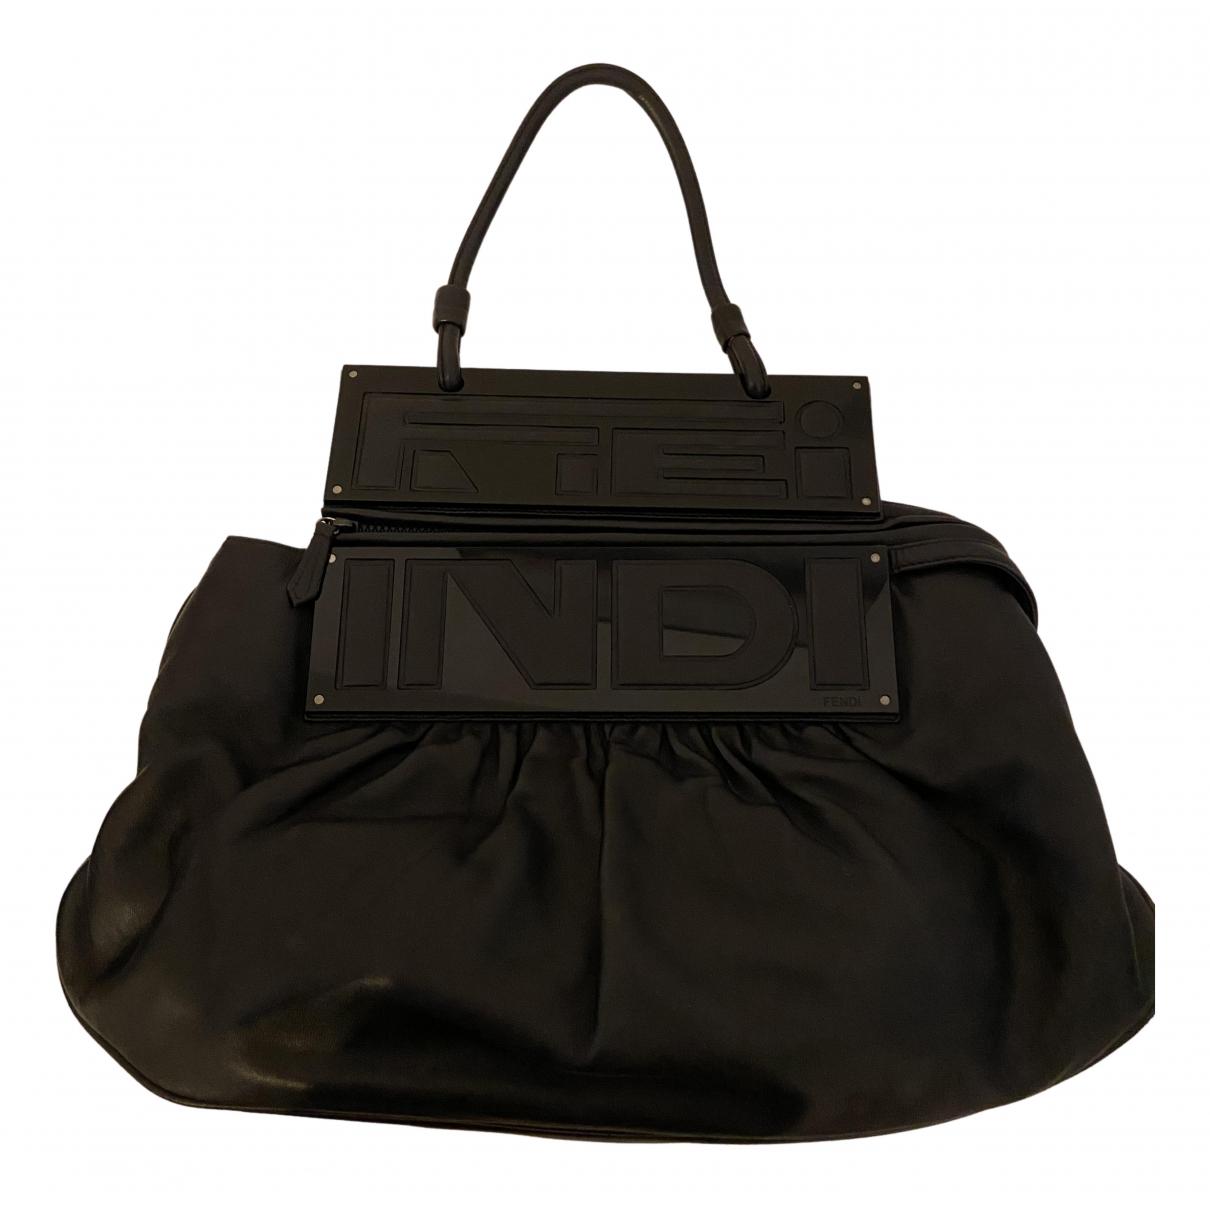 Fendi N Black Leather handbag for Women N